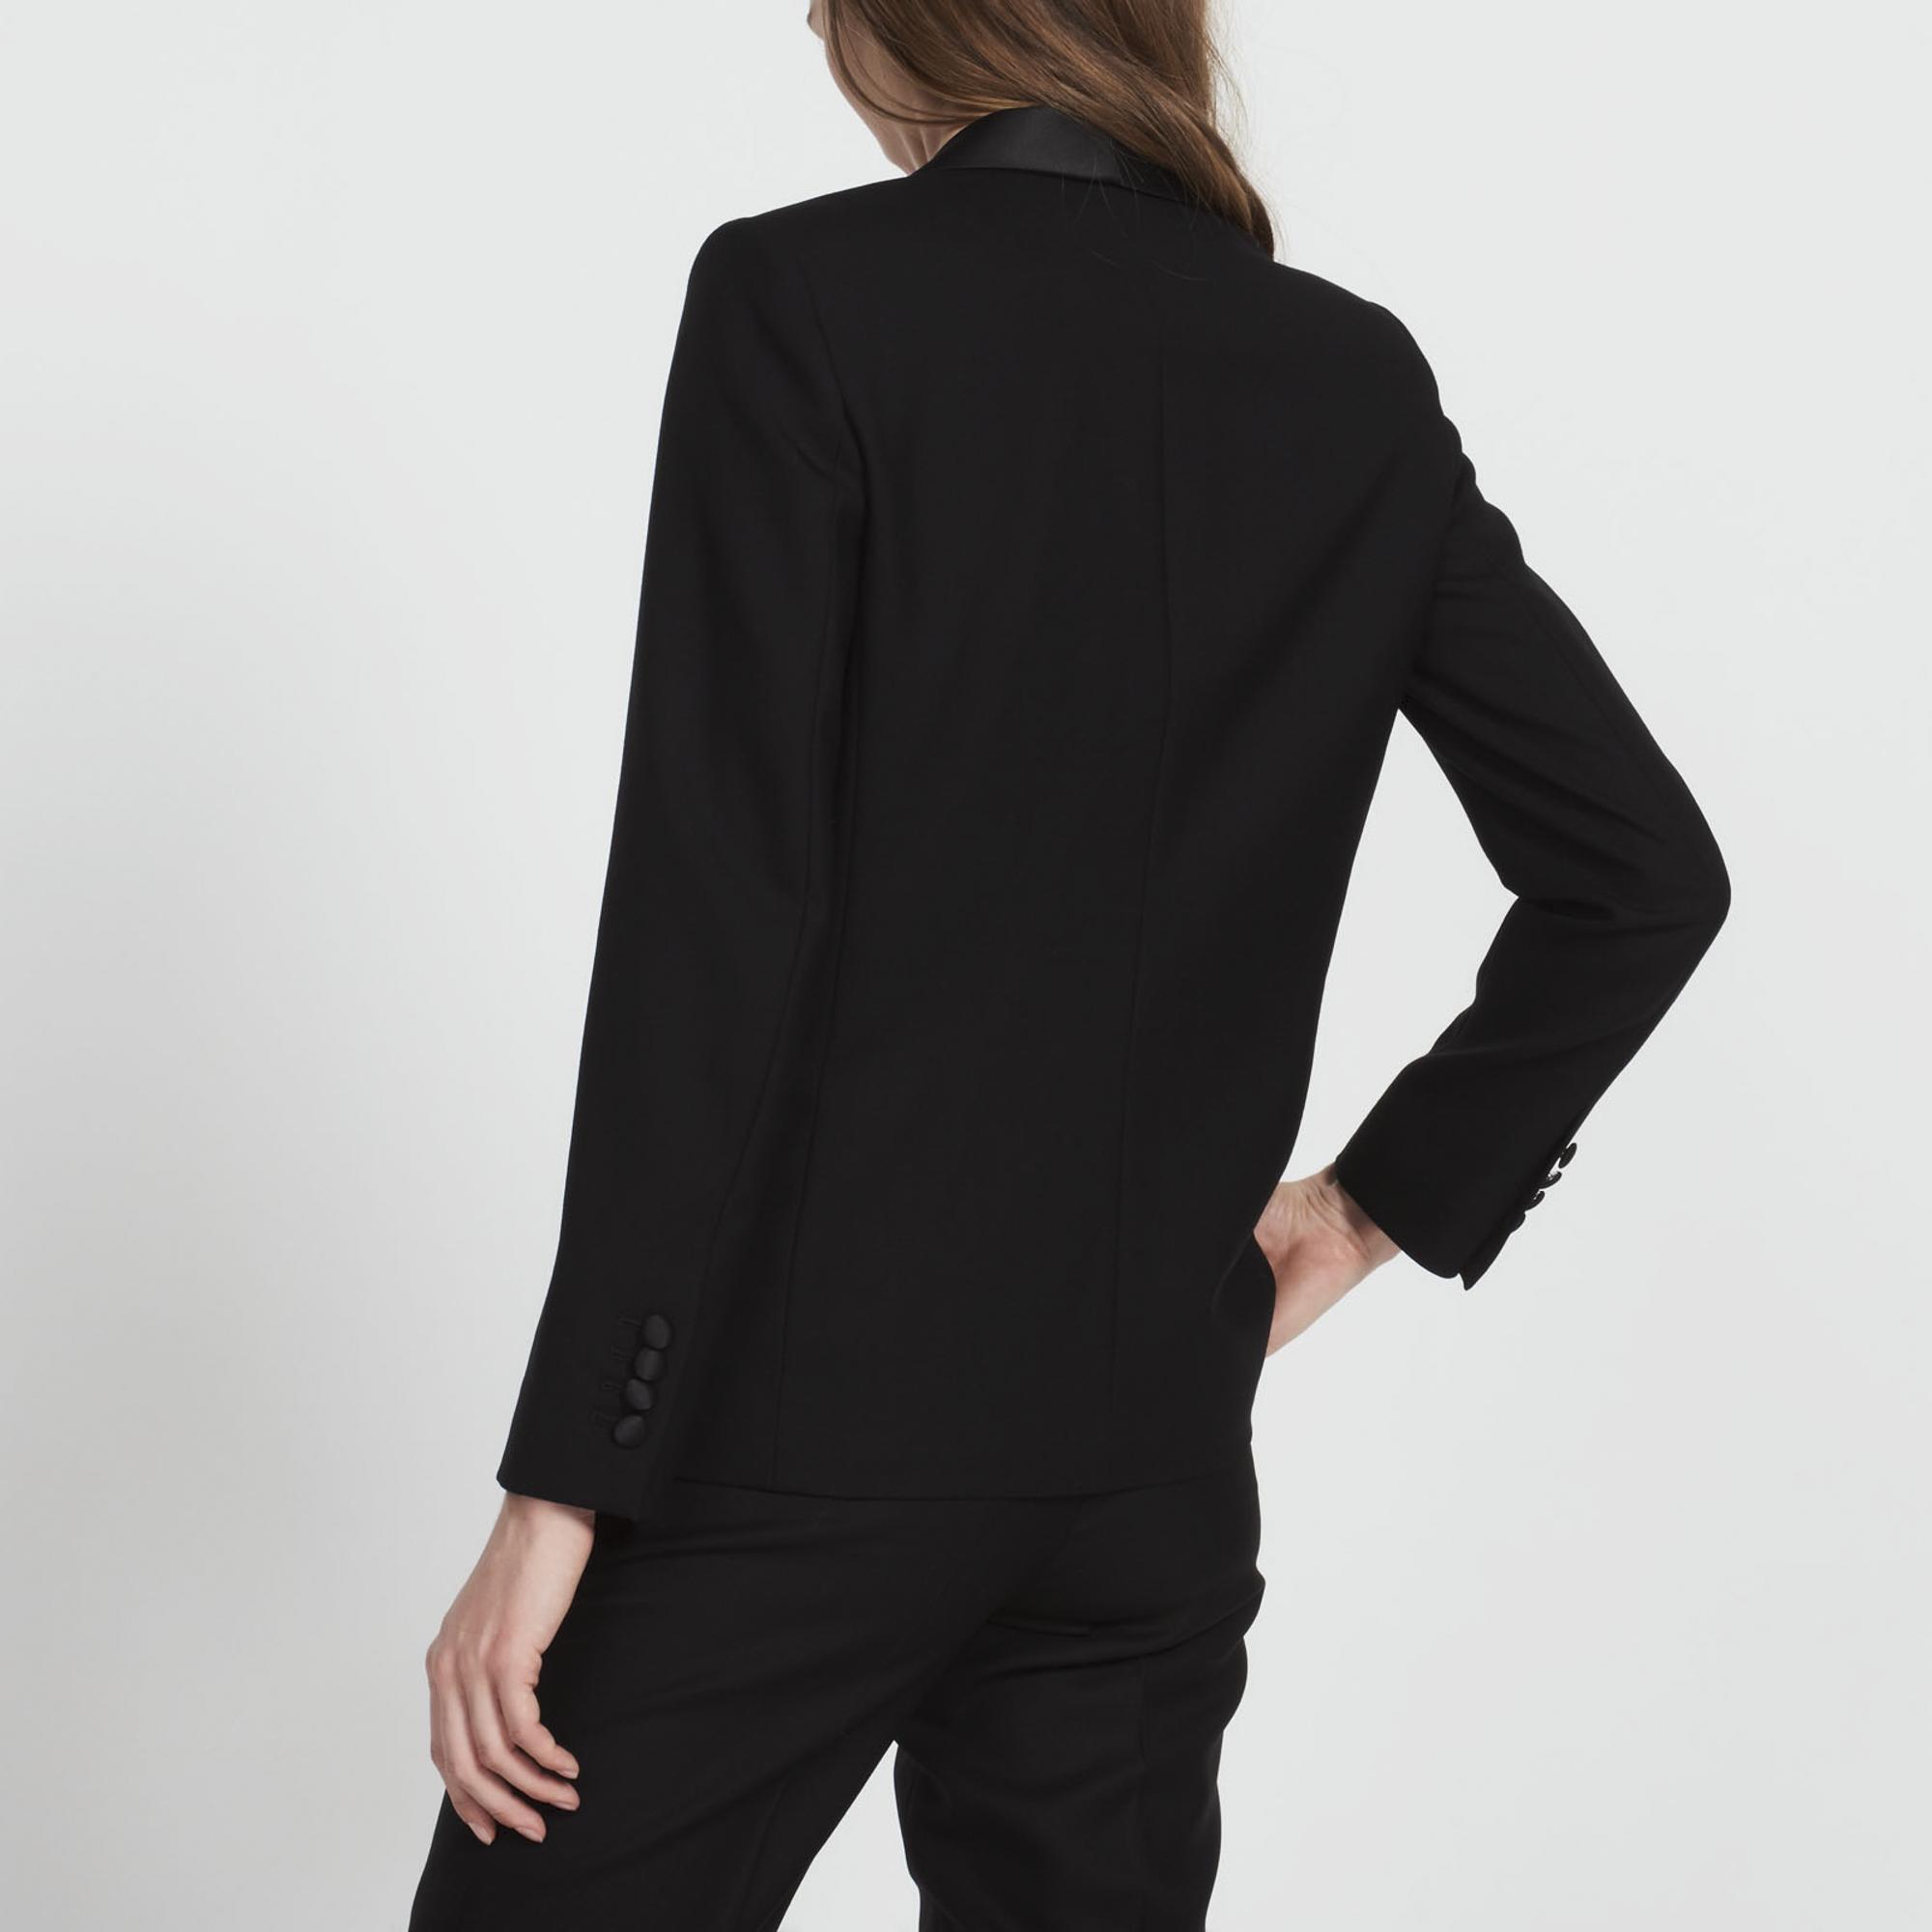 Giacca di tailleur in lana : Collezione Estiva colore Nero